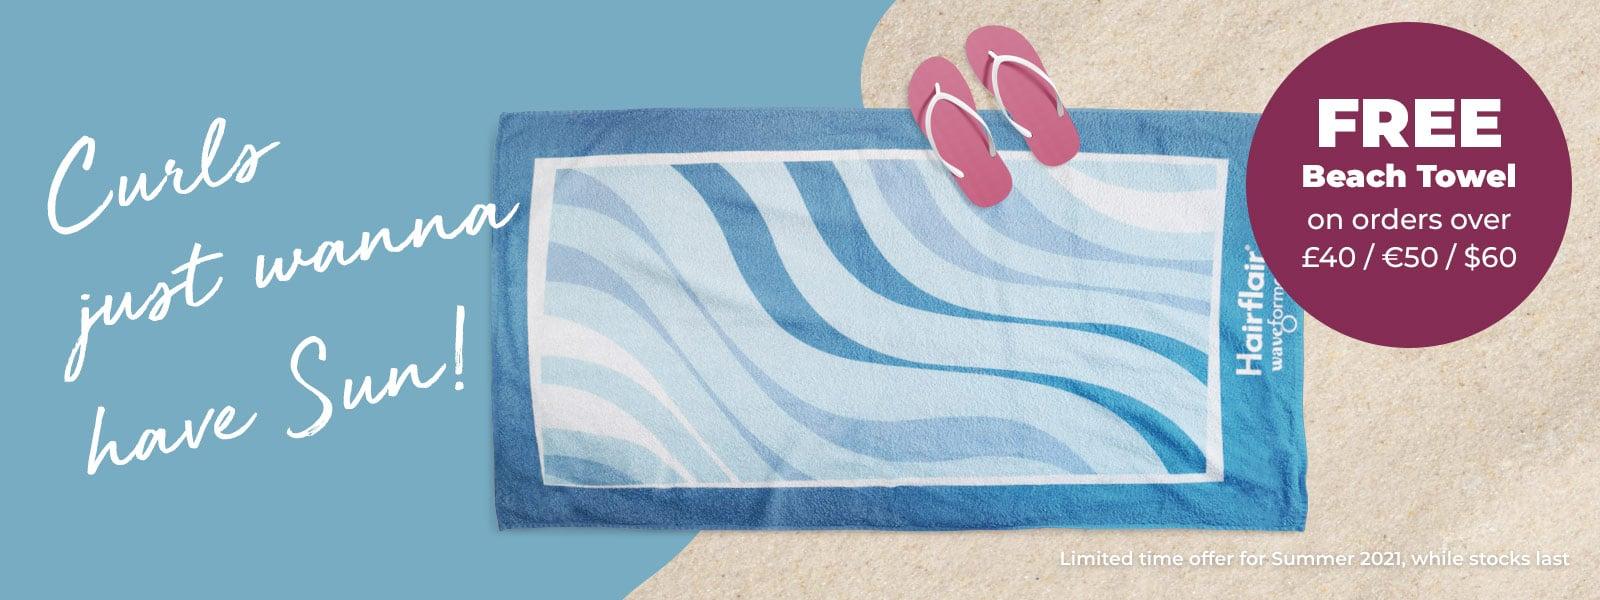 Beach Oferta de toallas